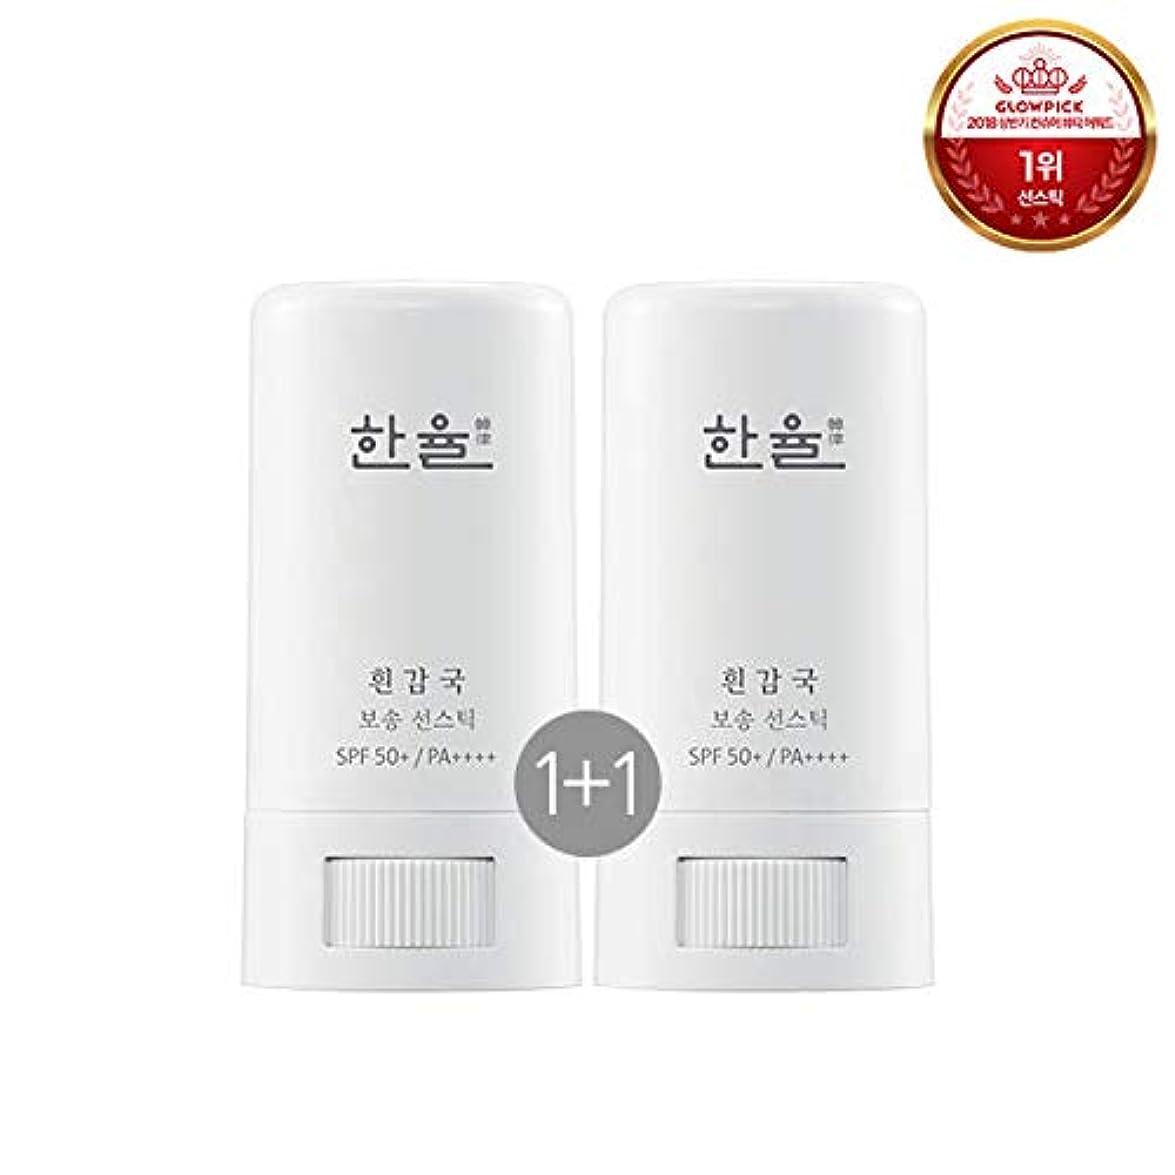 必需品奇跡的な装備するハンユル 白いガムグクサラサラ線スティック 17g, SPF50+ PA++++ / HANYUL White Chrysanthemum Matte Sunscreen Stick (2個)